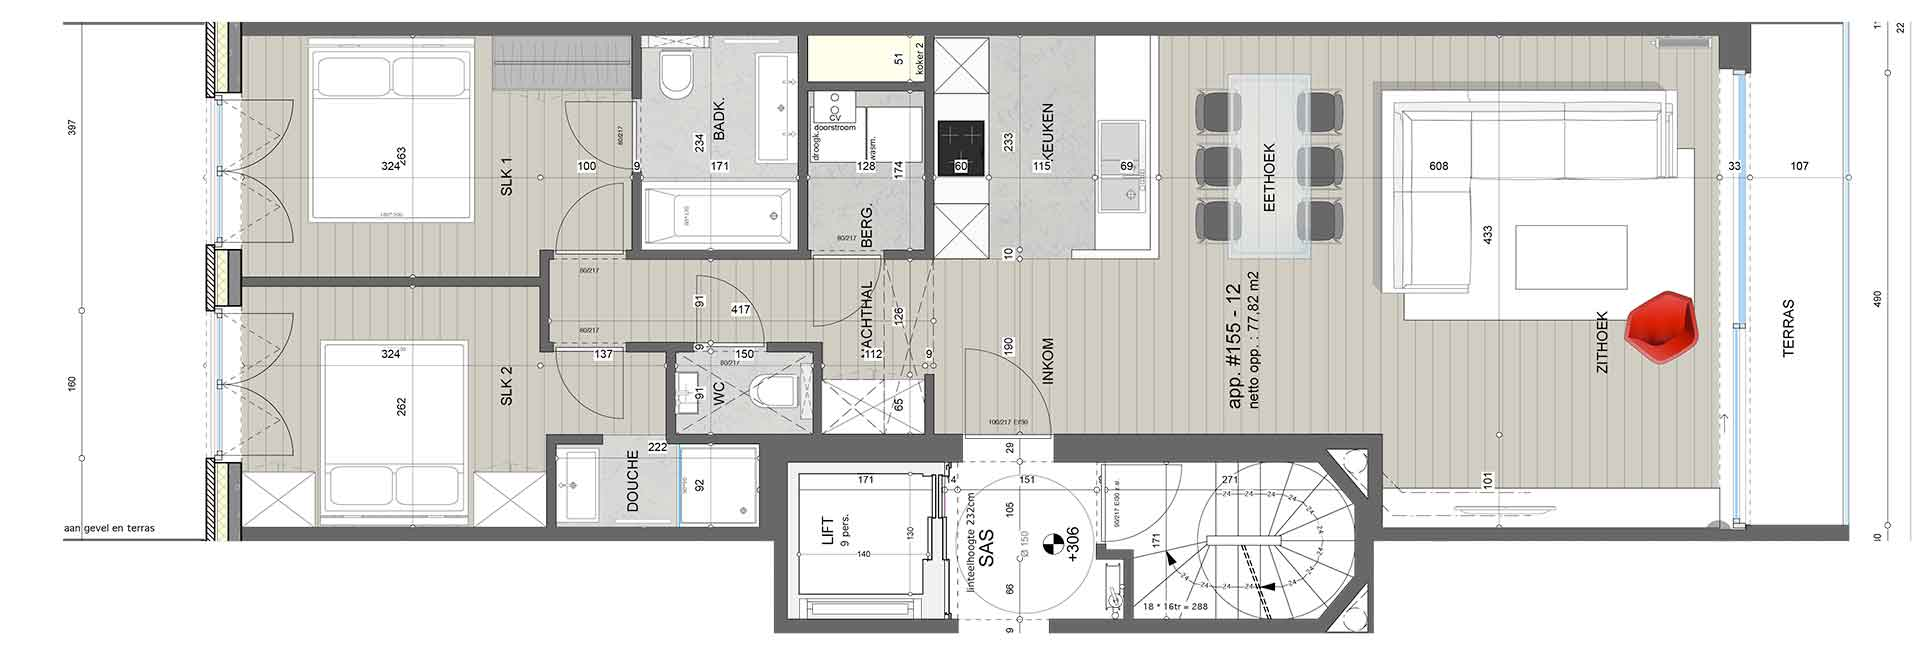 Residentie <br/> Fontana - image residentie-fontana-appartement-te-koop-knokke-plannen-155-12-1 on https://hoprom.be